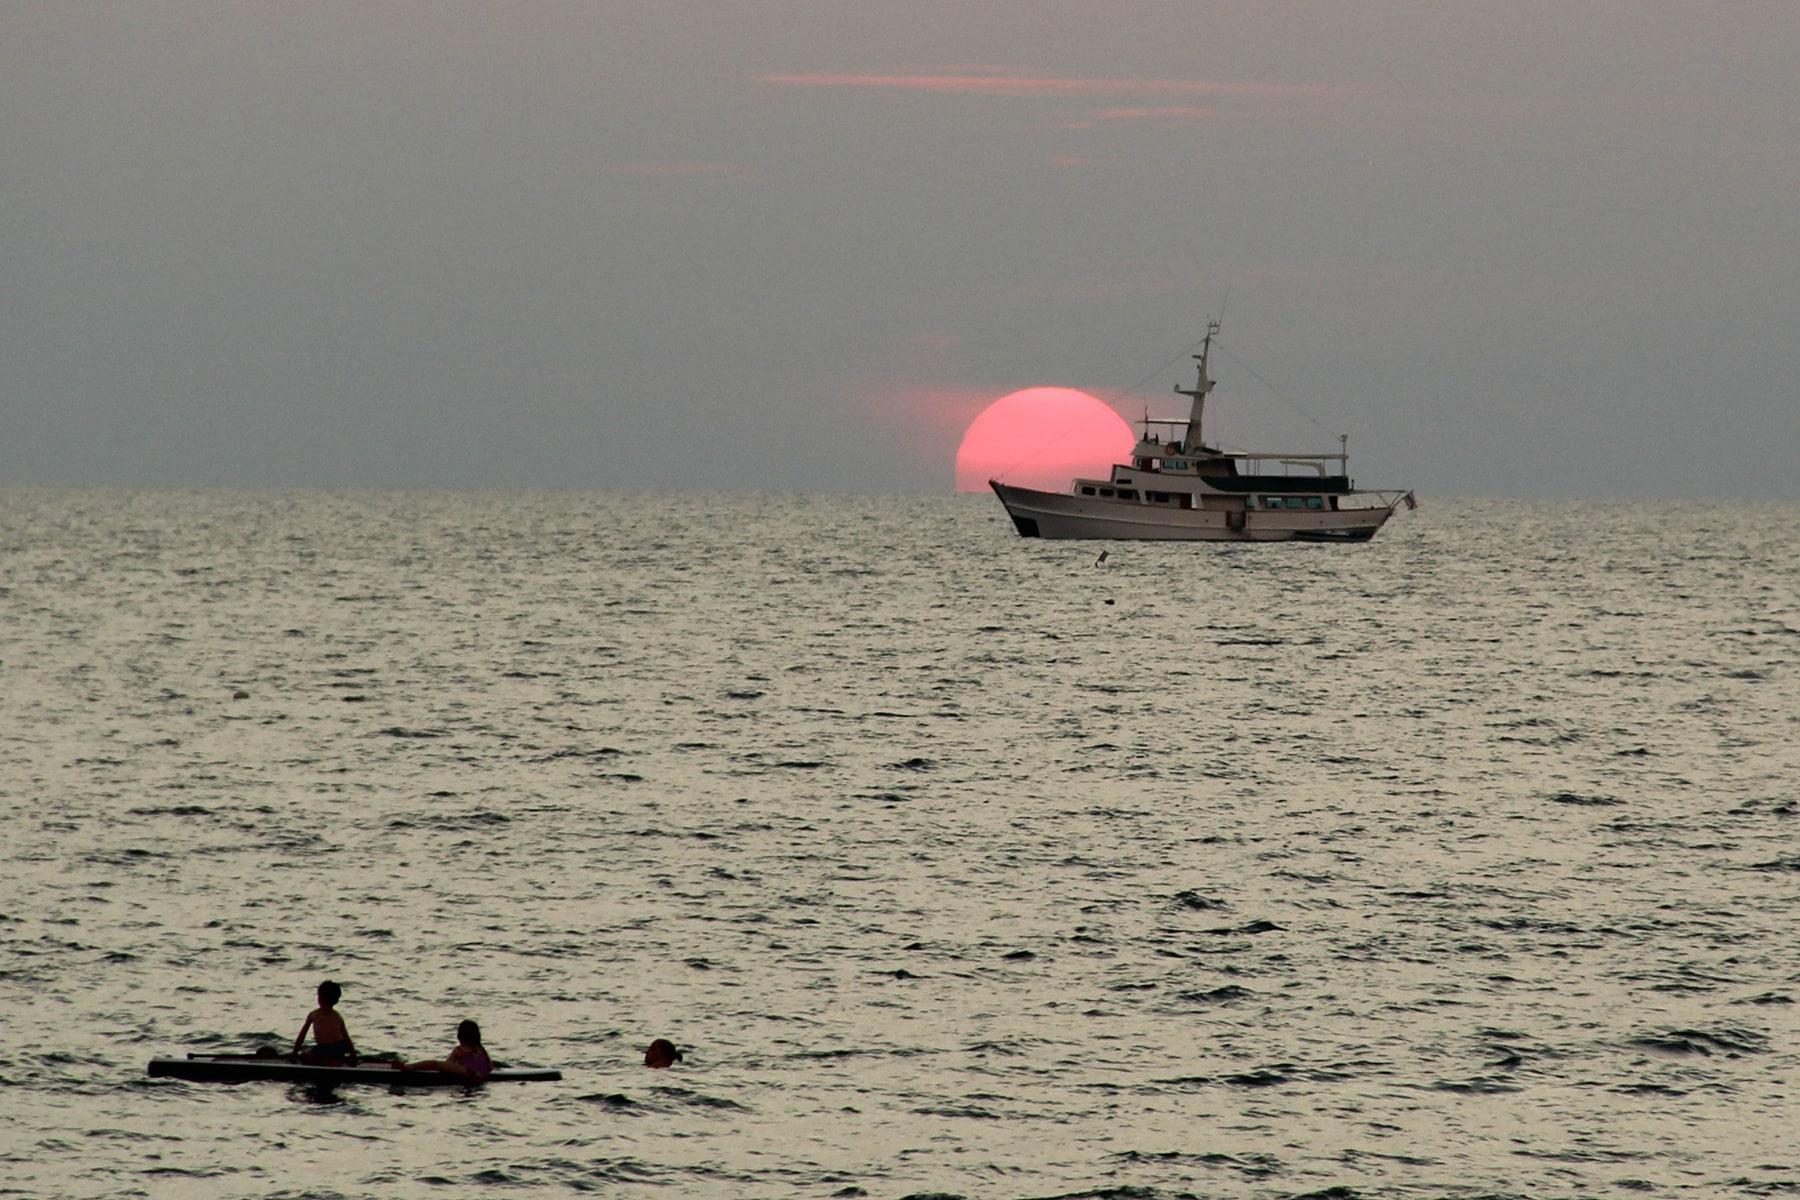 Coucher de soleil Koh Lanta ; soleil rouge qui se couche derrière un bateau